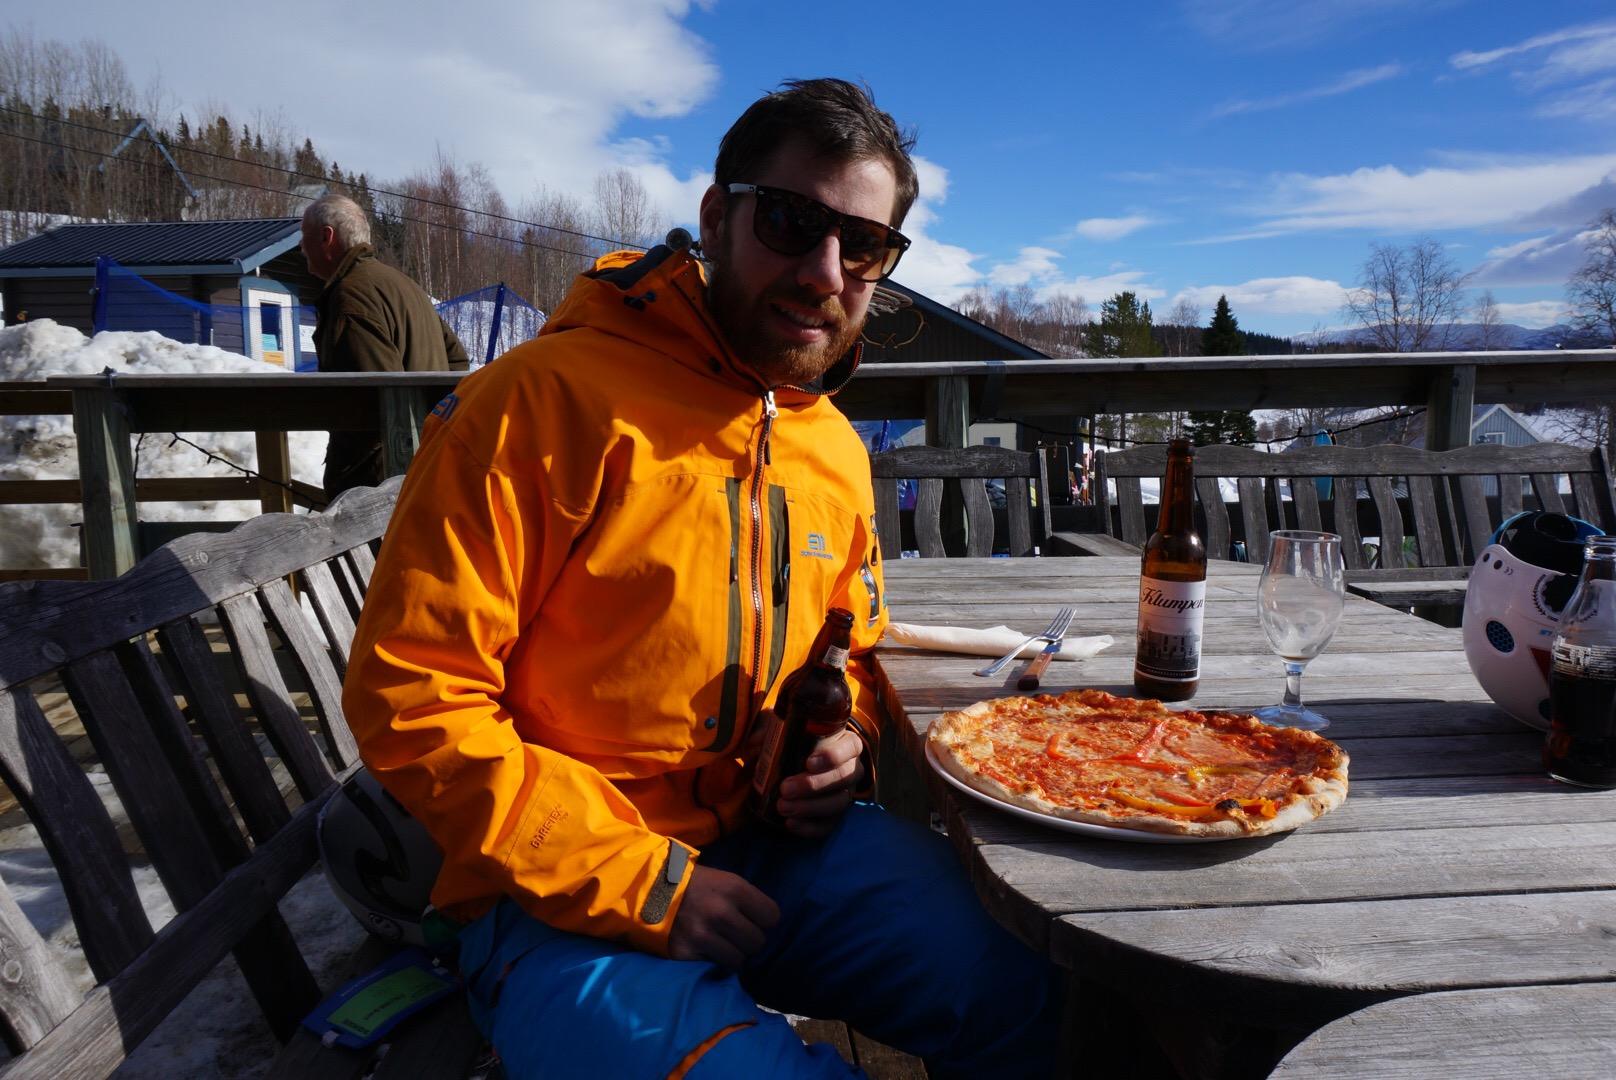 Nöjd kille med pizza och öl